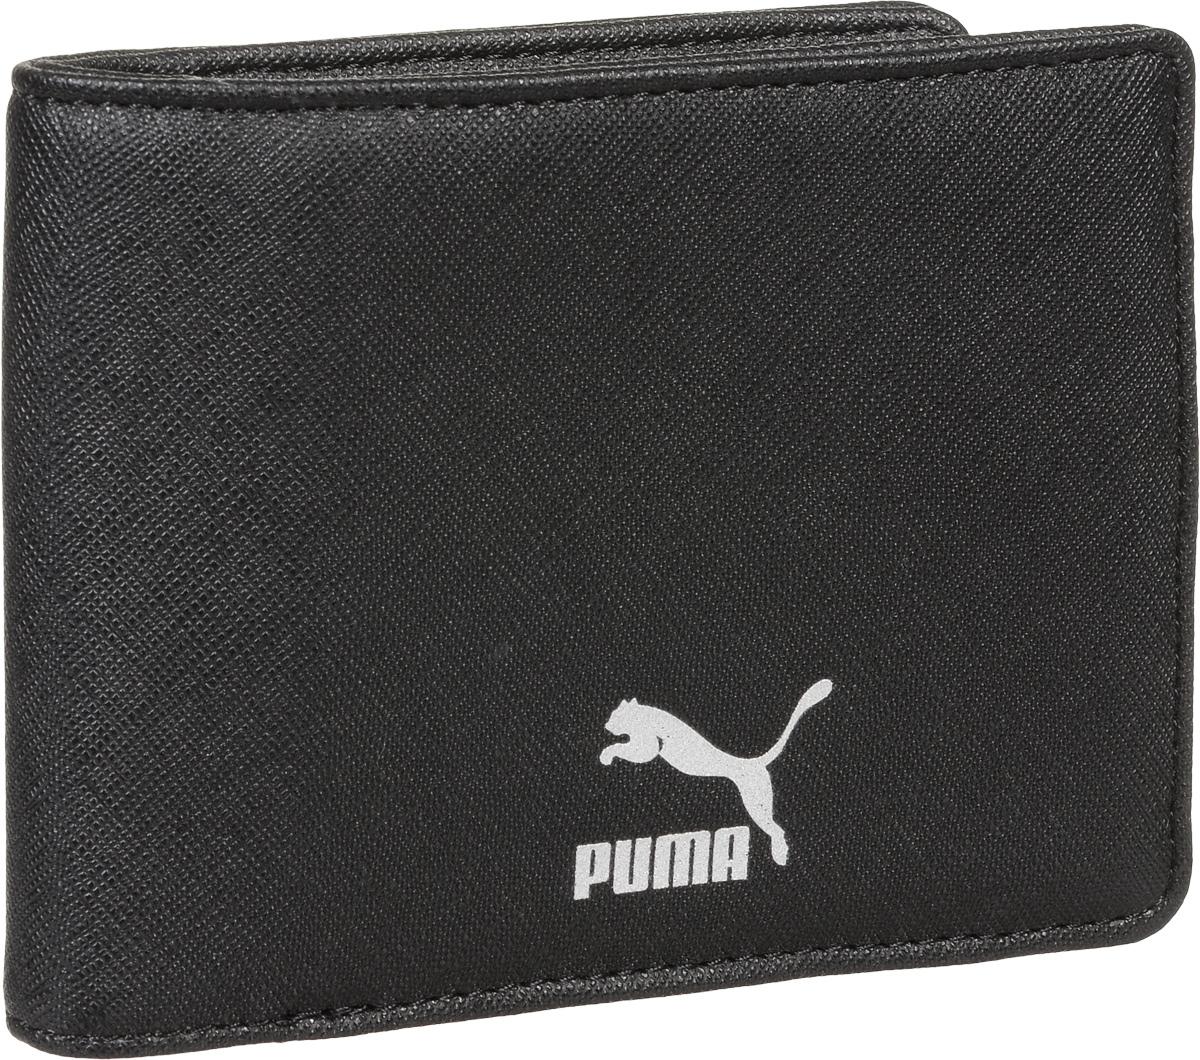 Бумажник Puma Originals Billfold Wallet, цвет: черный. 07437101